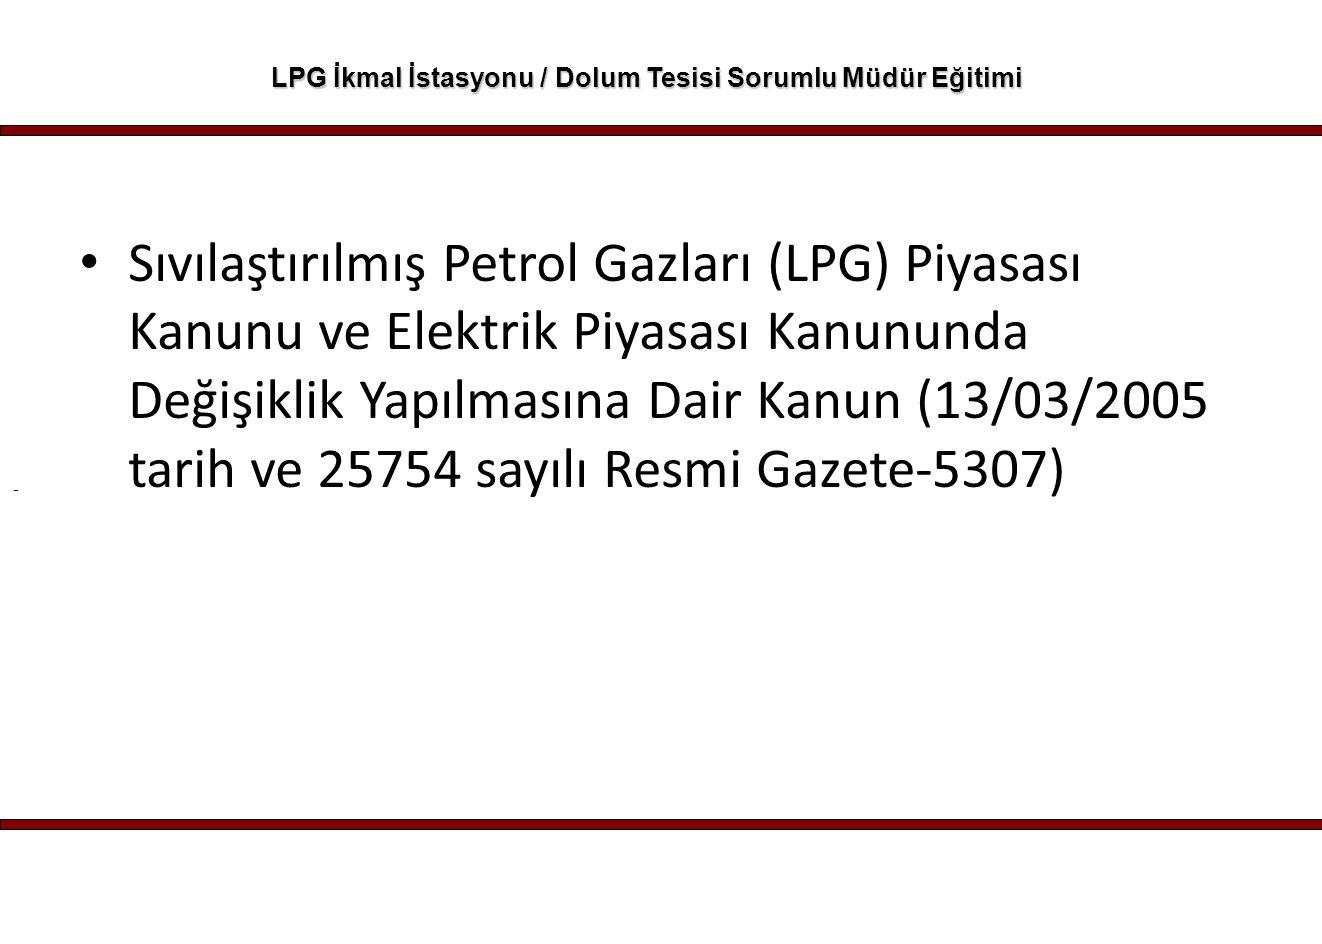 - LPG İkmal İstasyonu / Dolum Tesisi Sorumlu Müdür Eğitimi TMMOB Petrol Mühendisleri Odası LPG Otogaz İstasyonu Veya Dolum Tesisi Sorumlu Müdür Mevzuatı